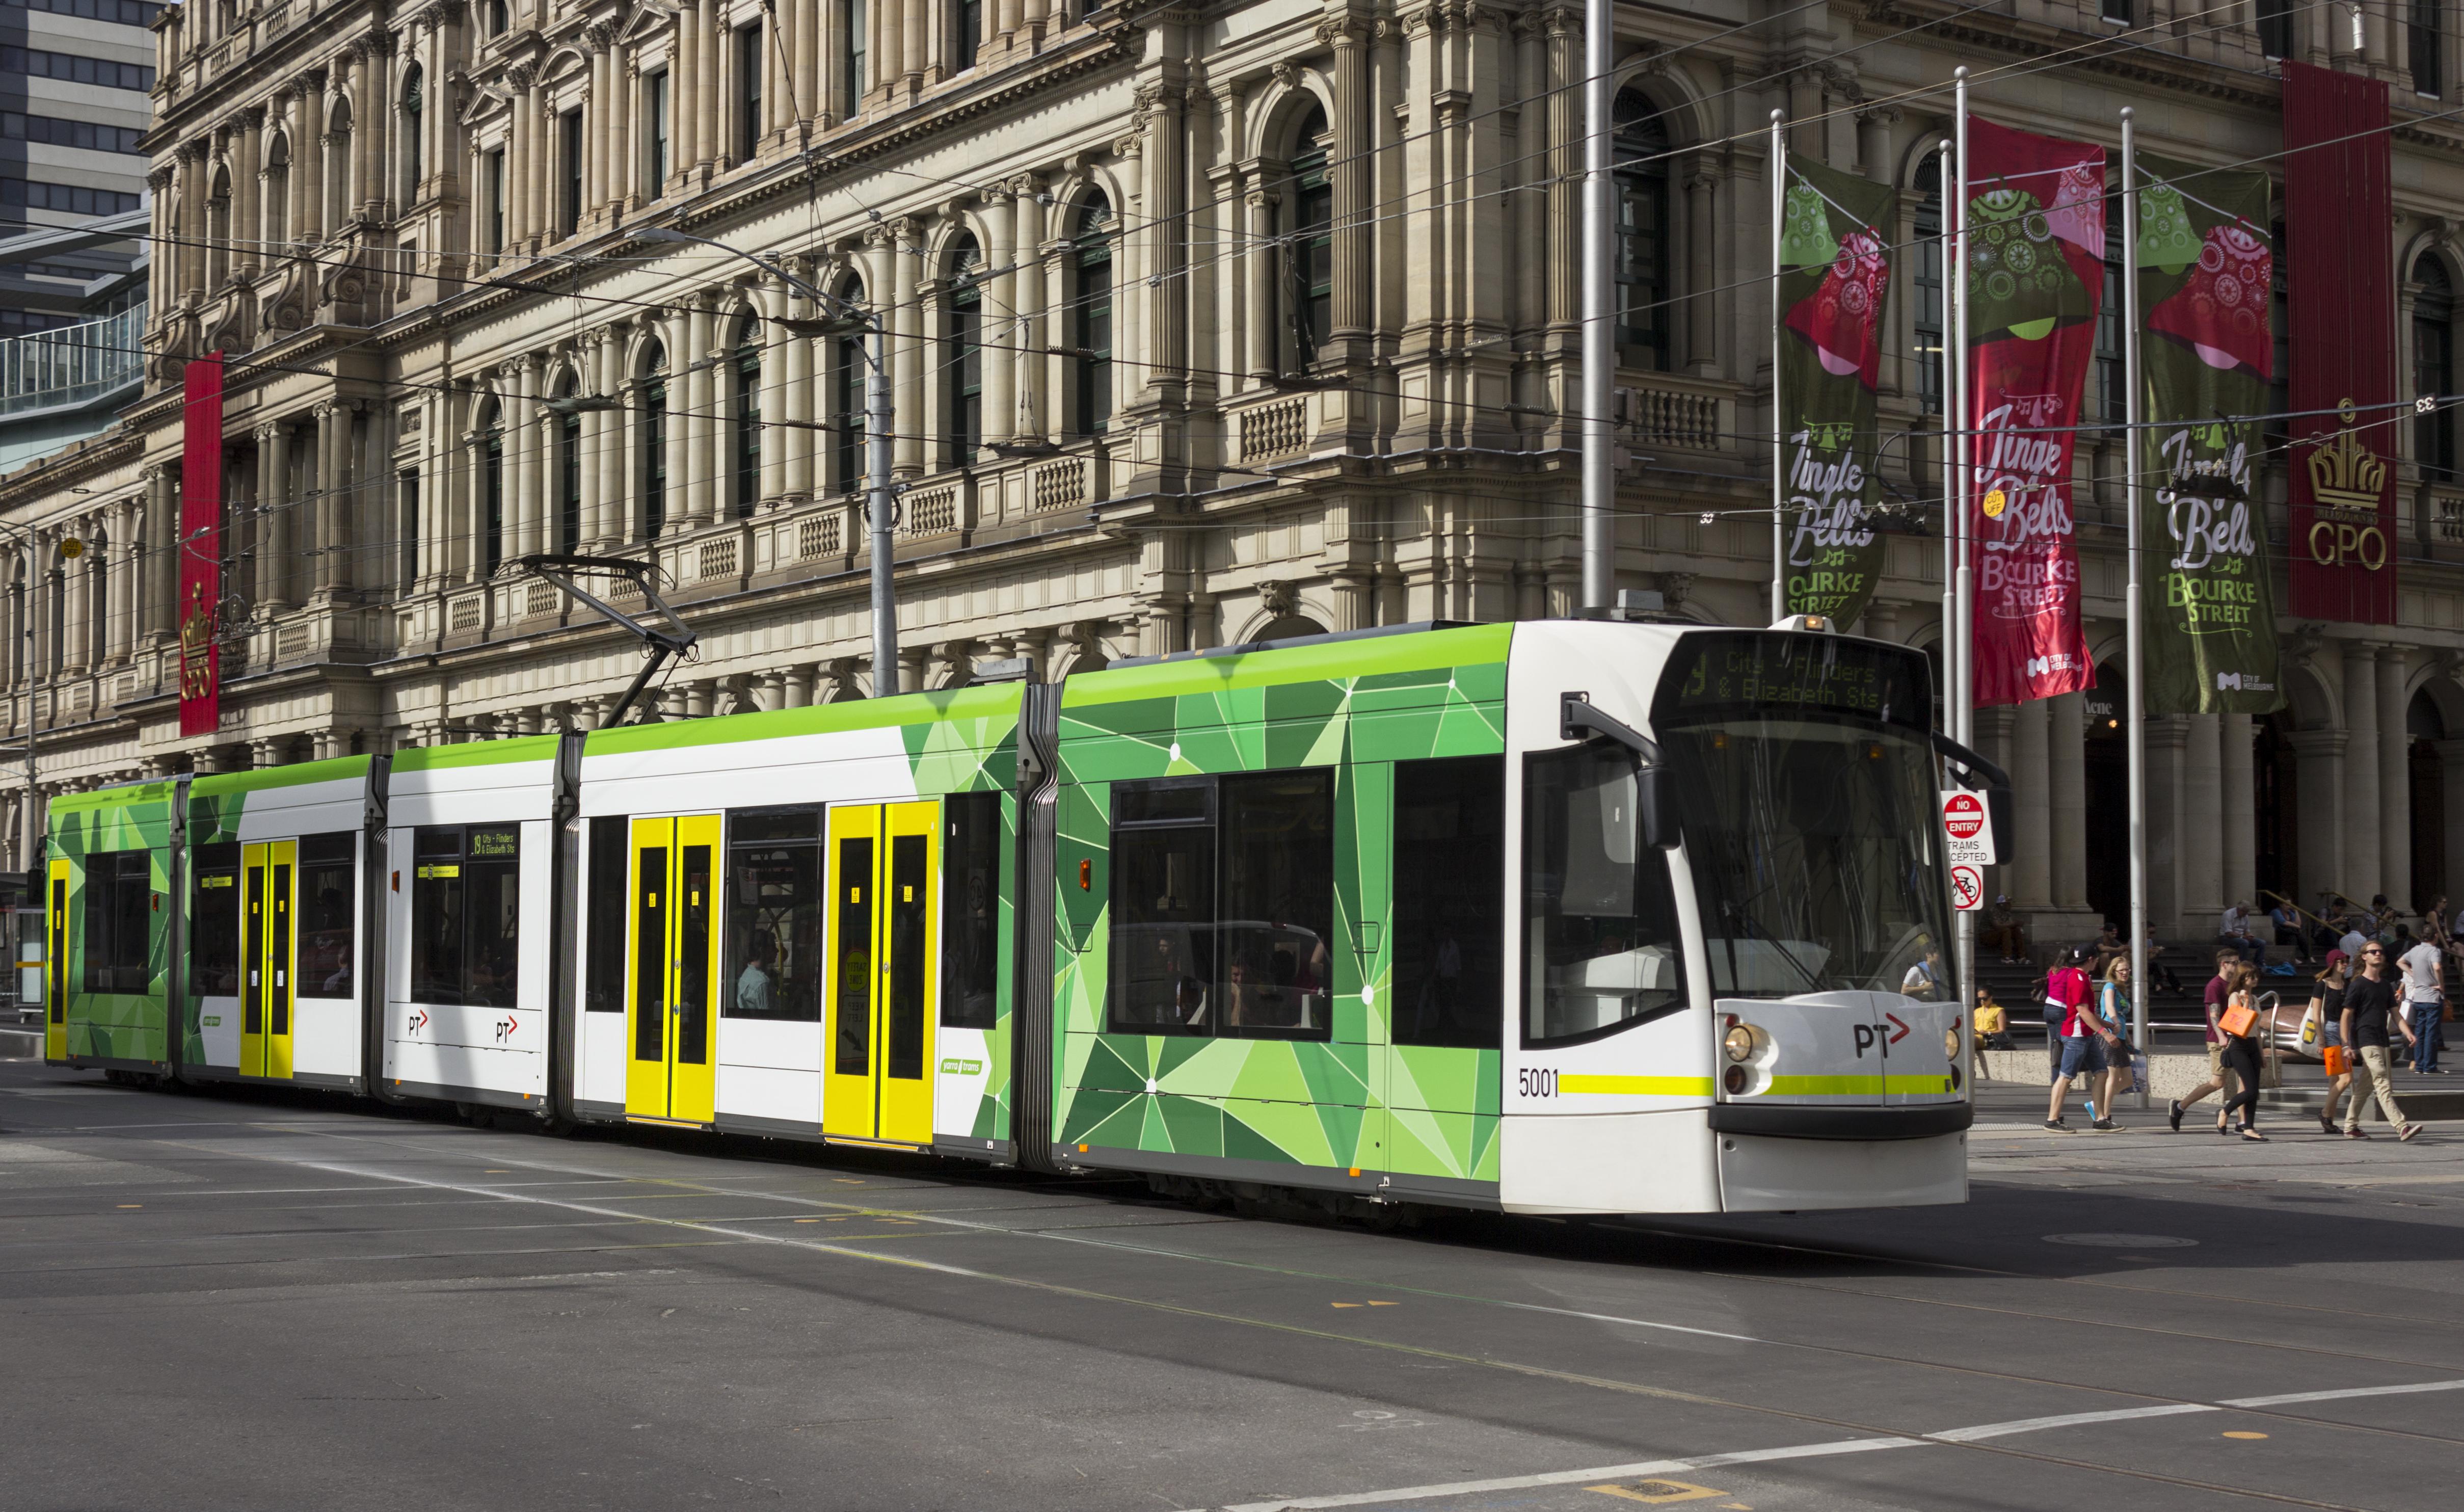 D-class Melbourne tram - Wikipedia